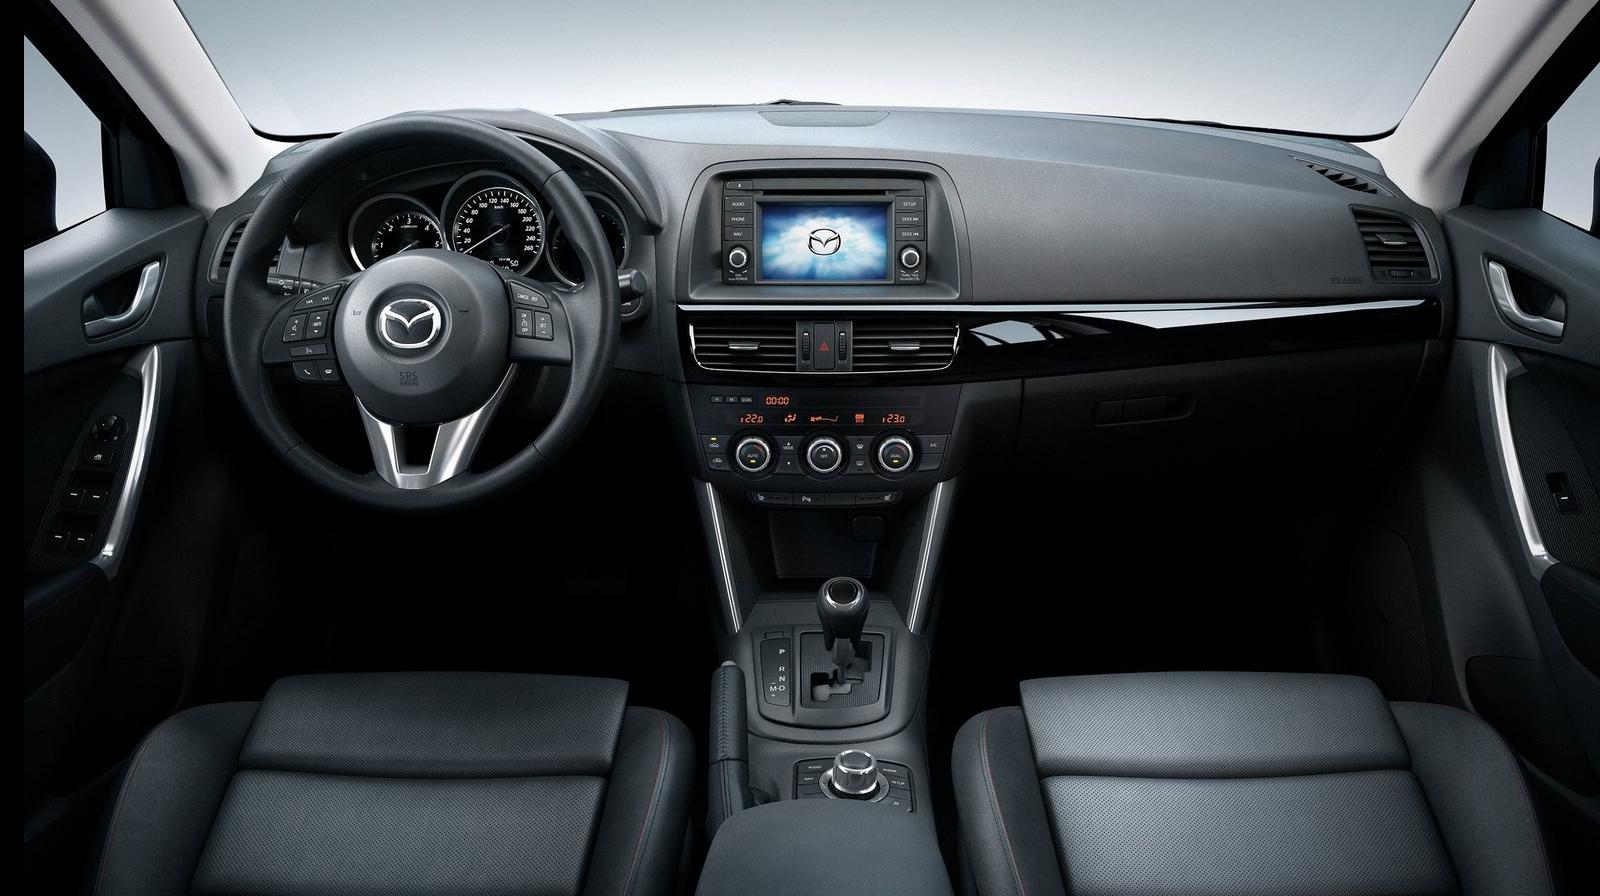 Hyundai_Tucson_Mazda CX_5_Honda_CR_V (57).jpg